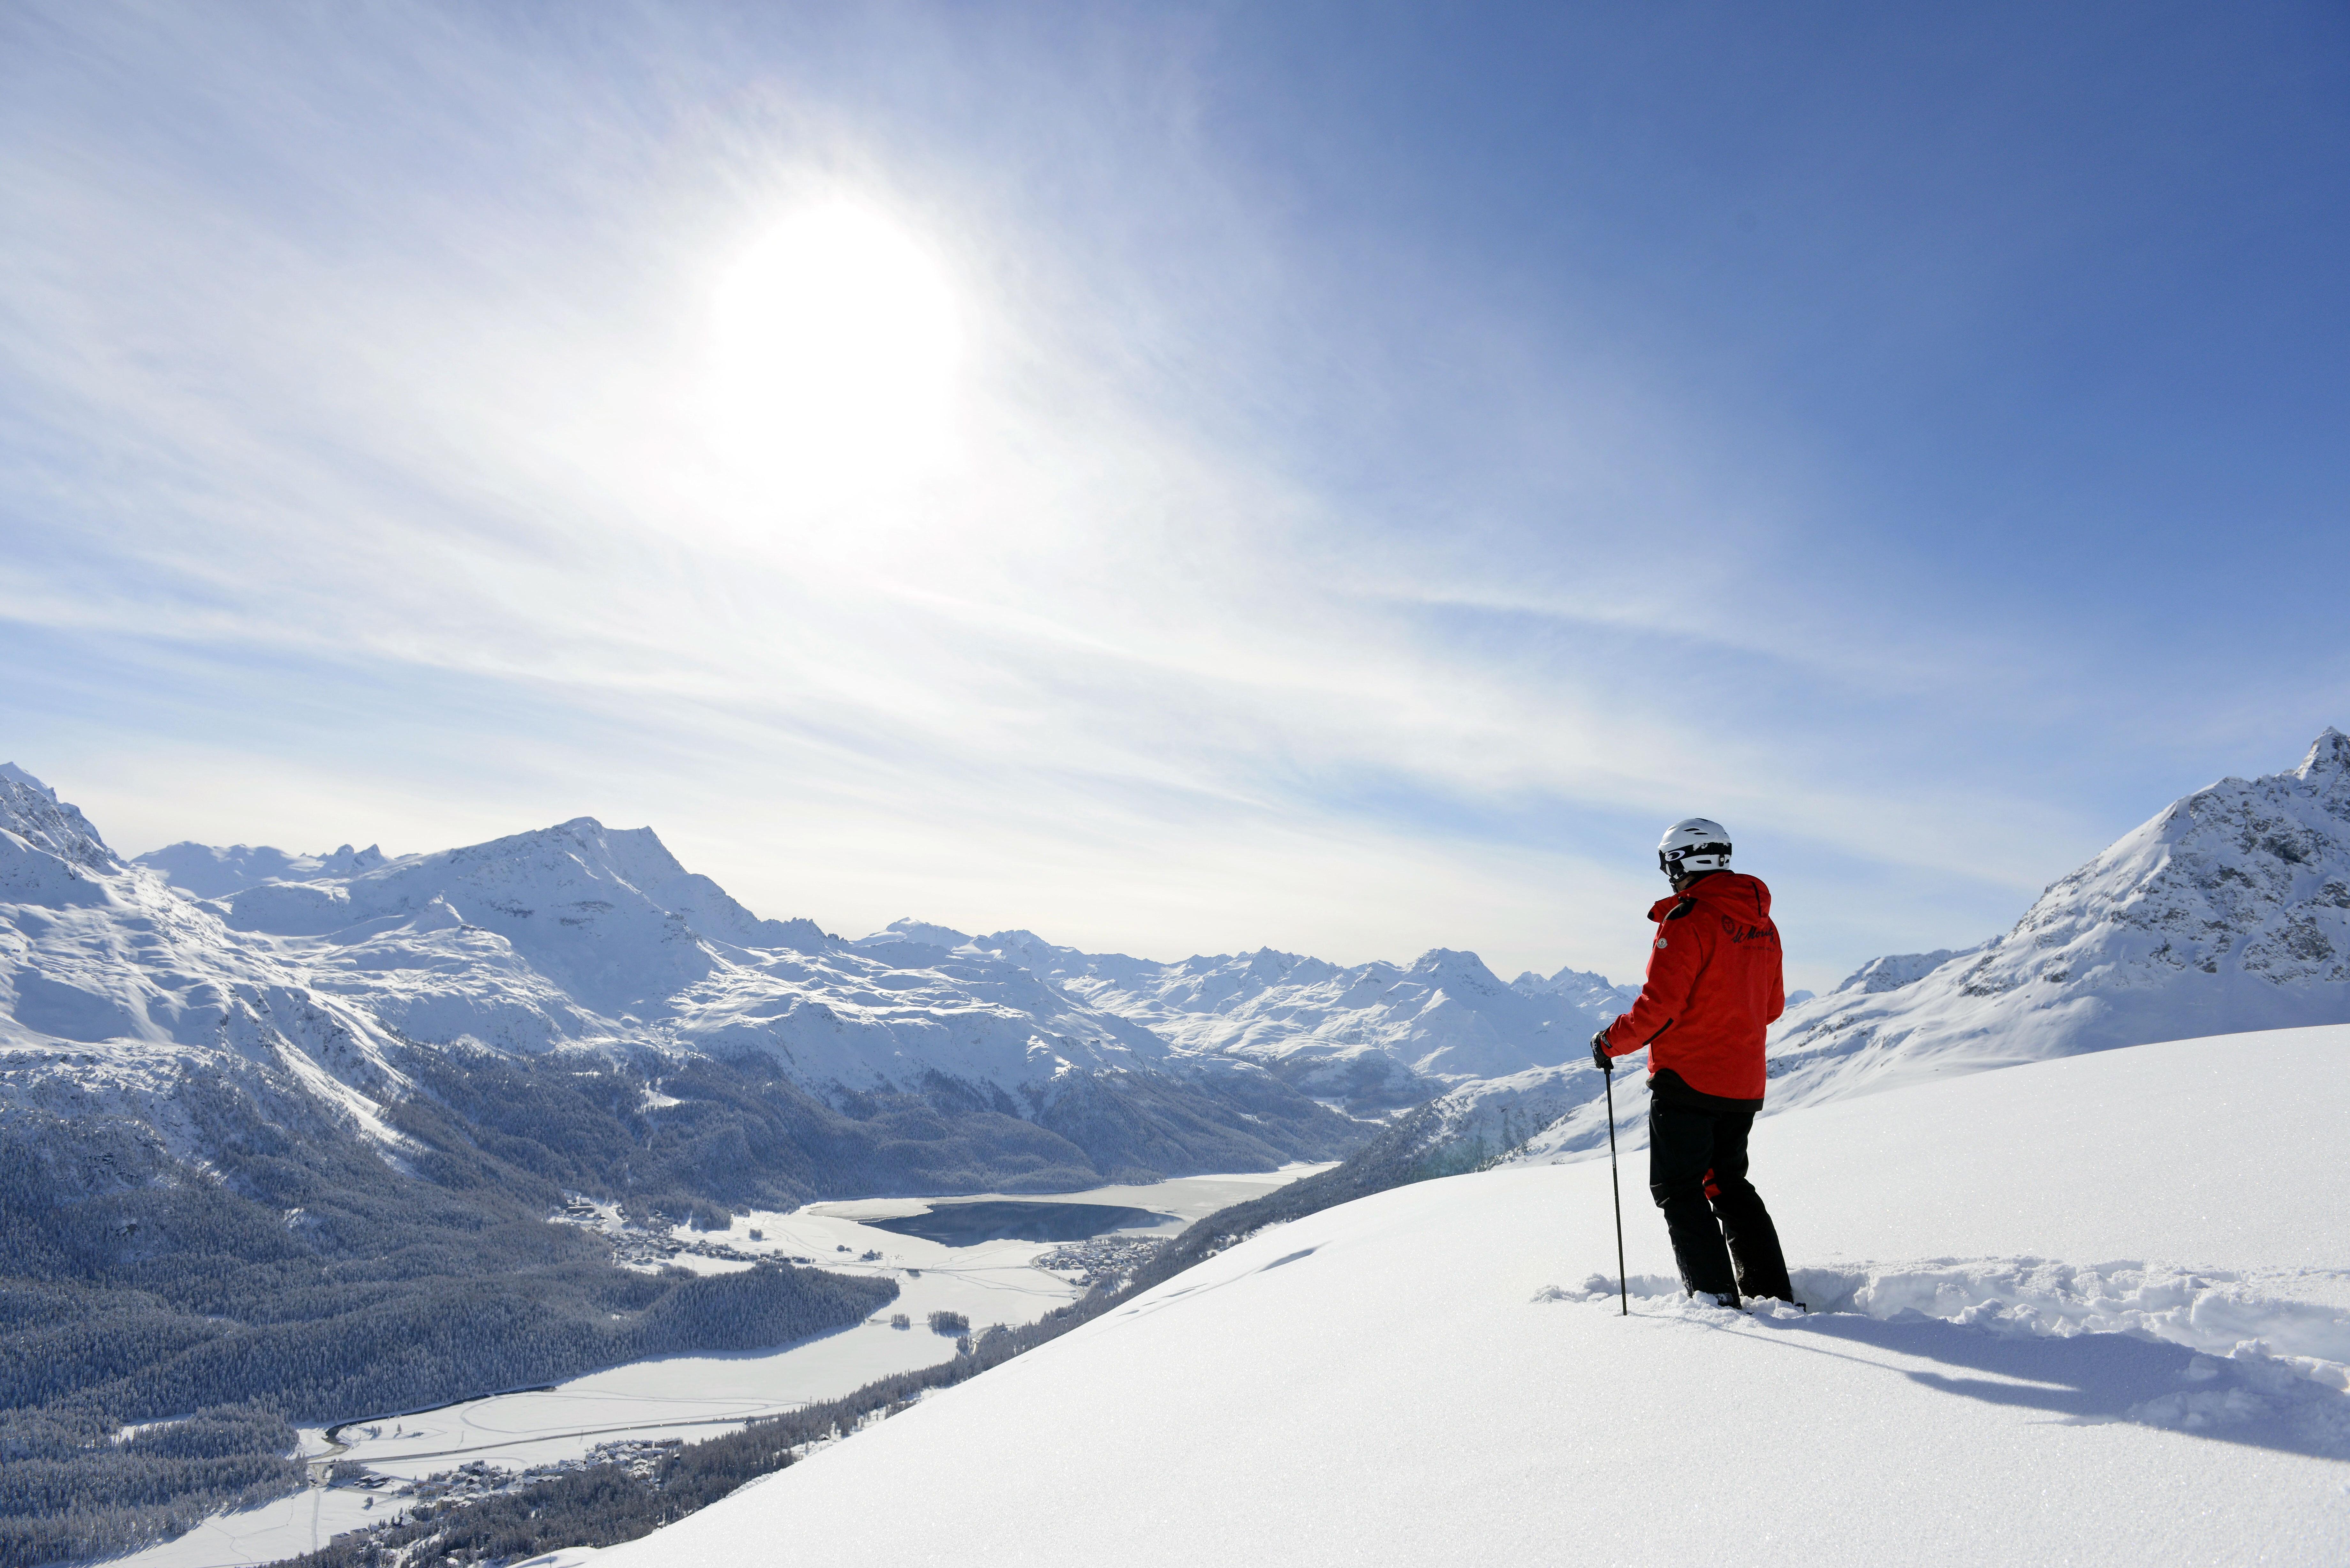 Schweizer Skischule St. Moritz Slide 2